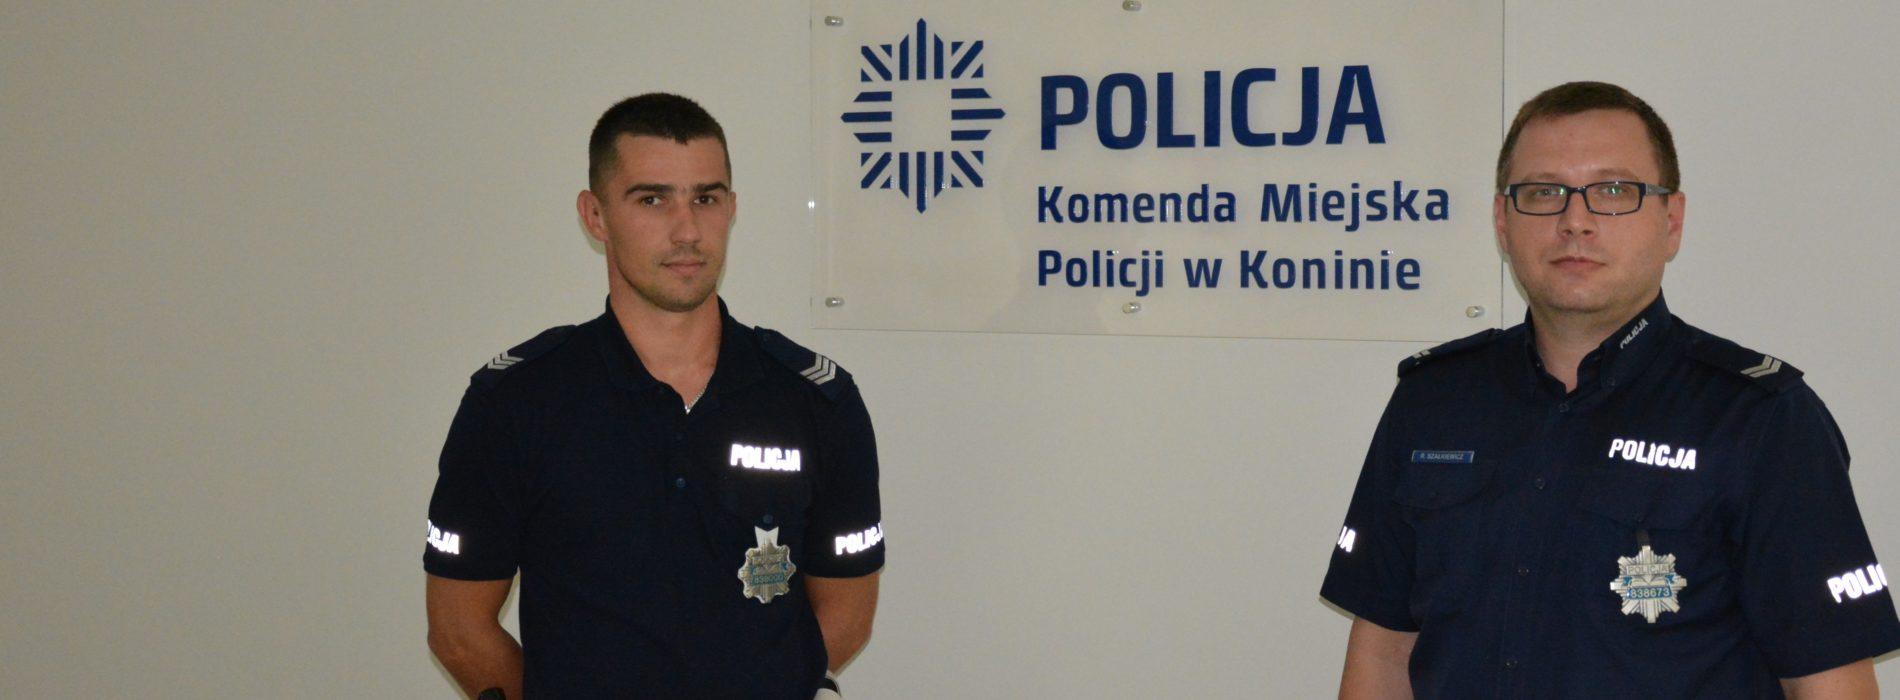 WYPEŁNILI ROTĘ ŚLUBOWANIA POLICJANTA